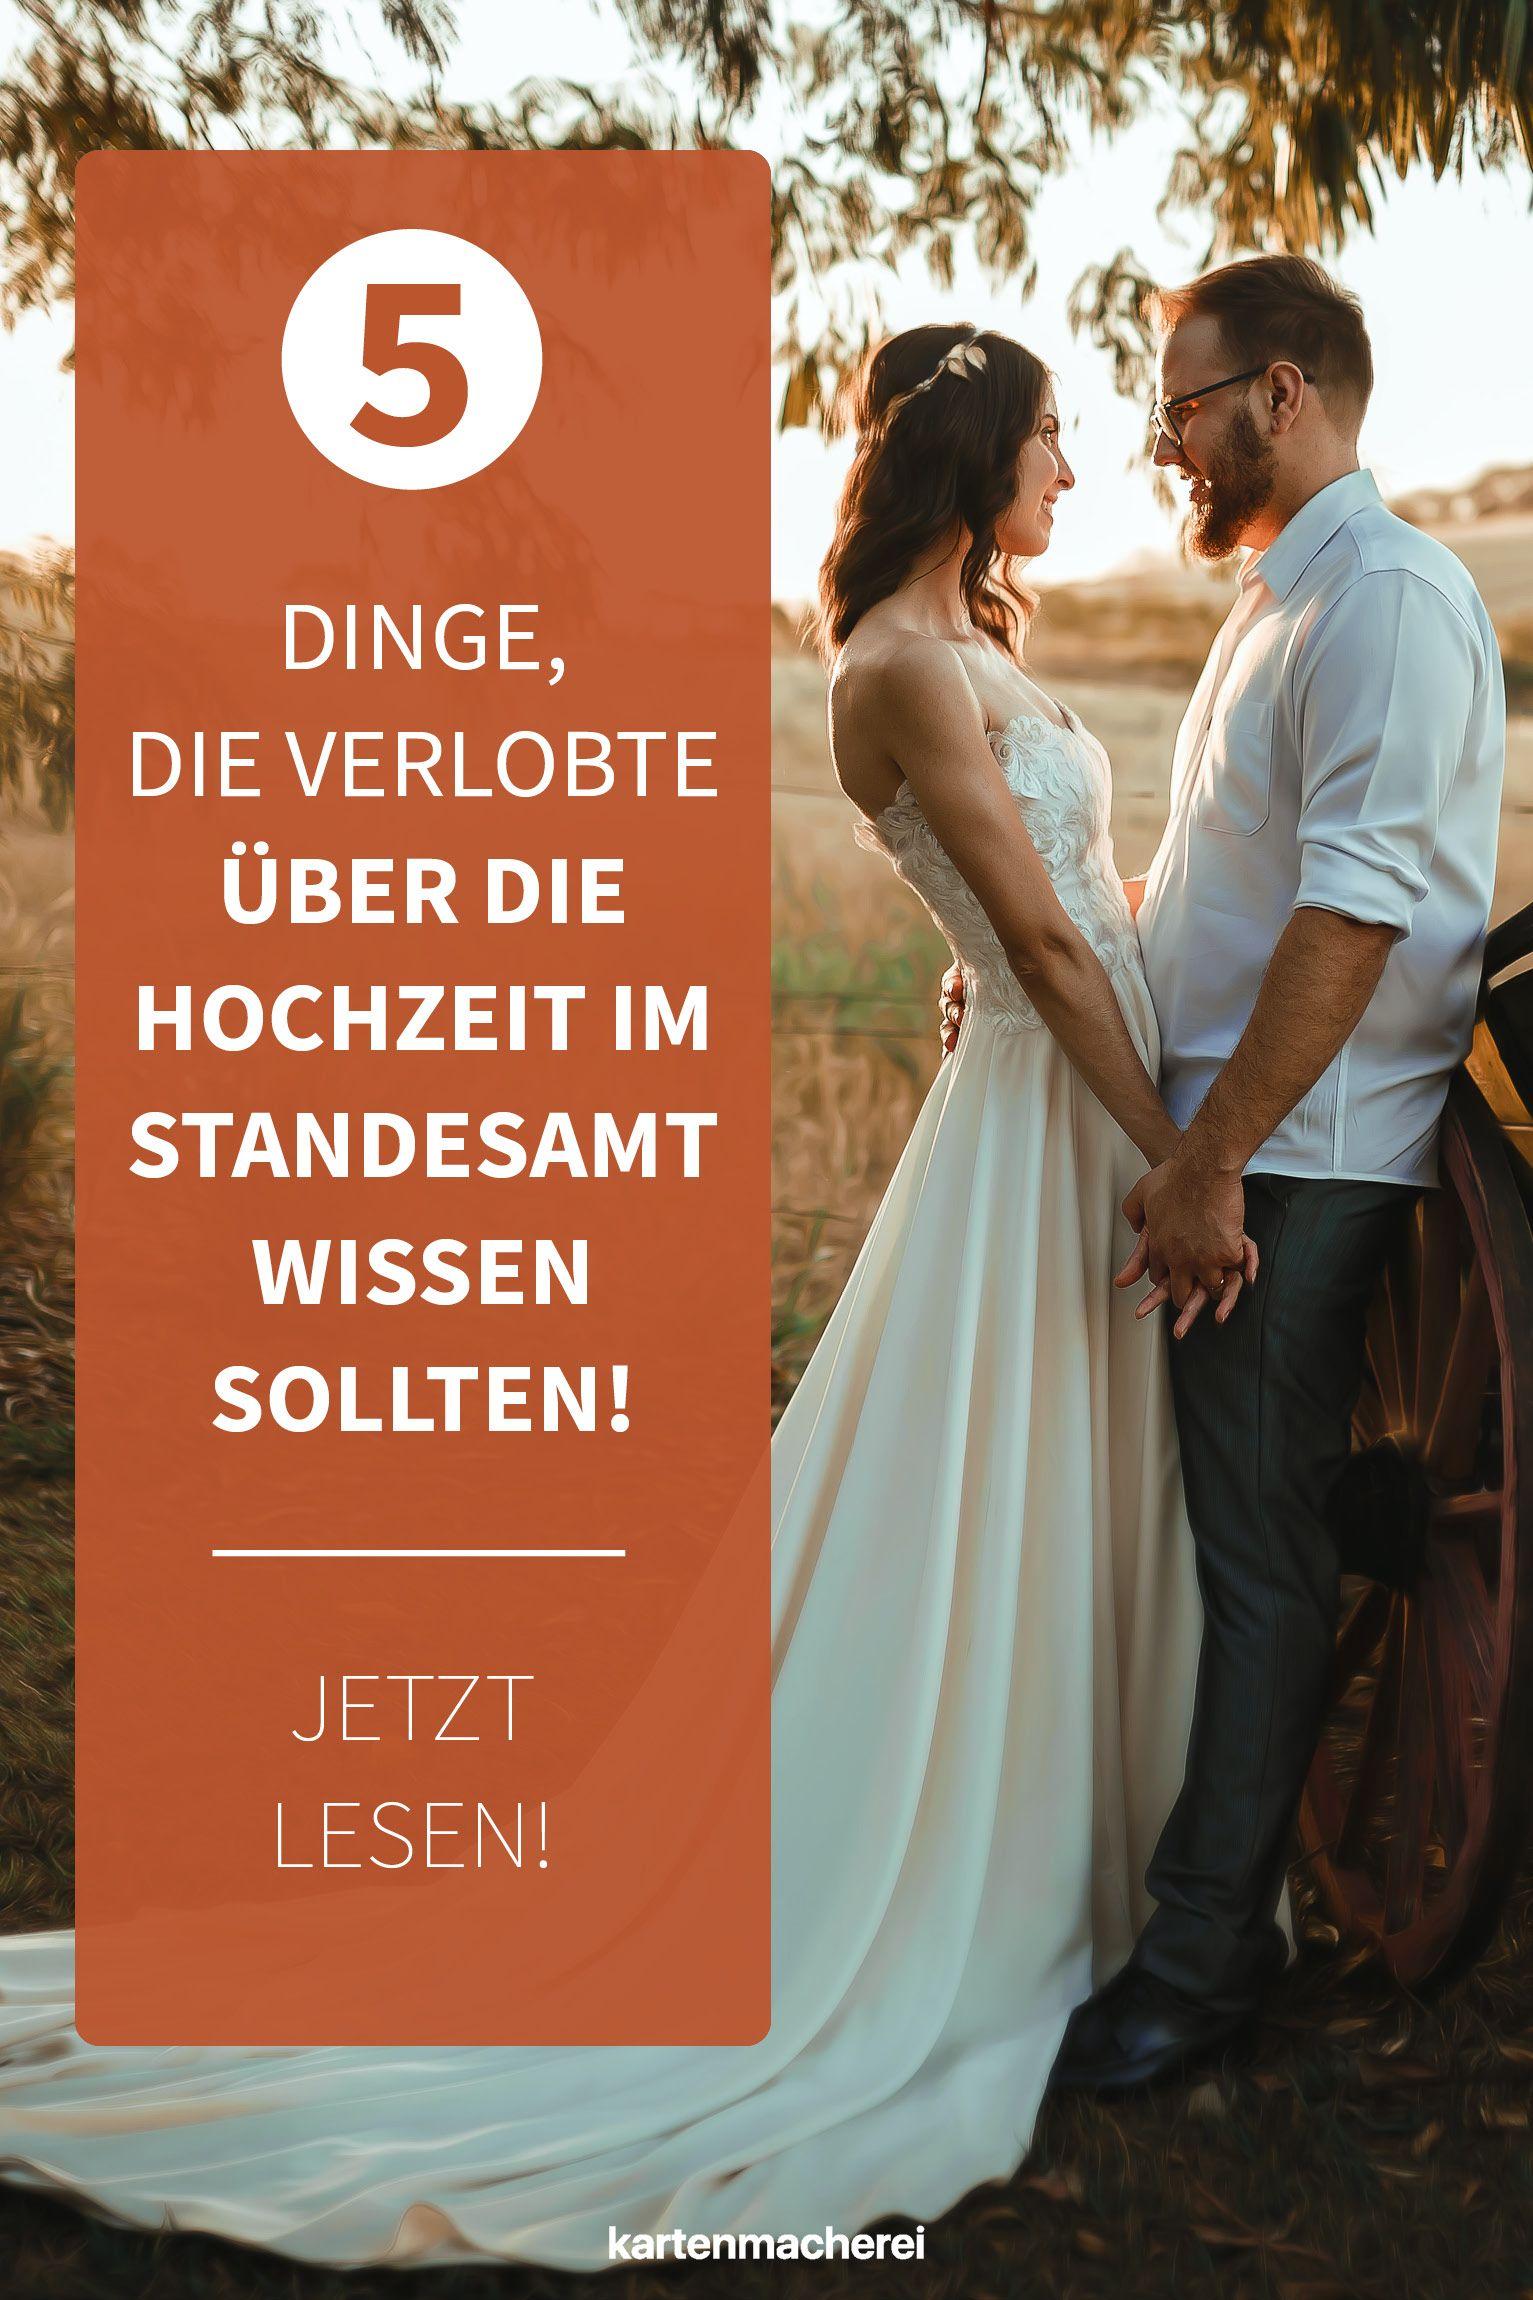 Standesamtliche Hochzeit So Funktioniert Die Trauung Standesamtliche Hochzeit Standesamtliche Trauung Trauzeuge